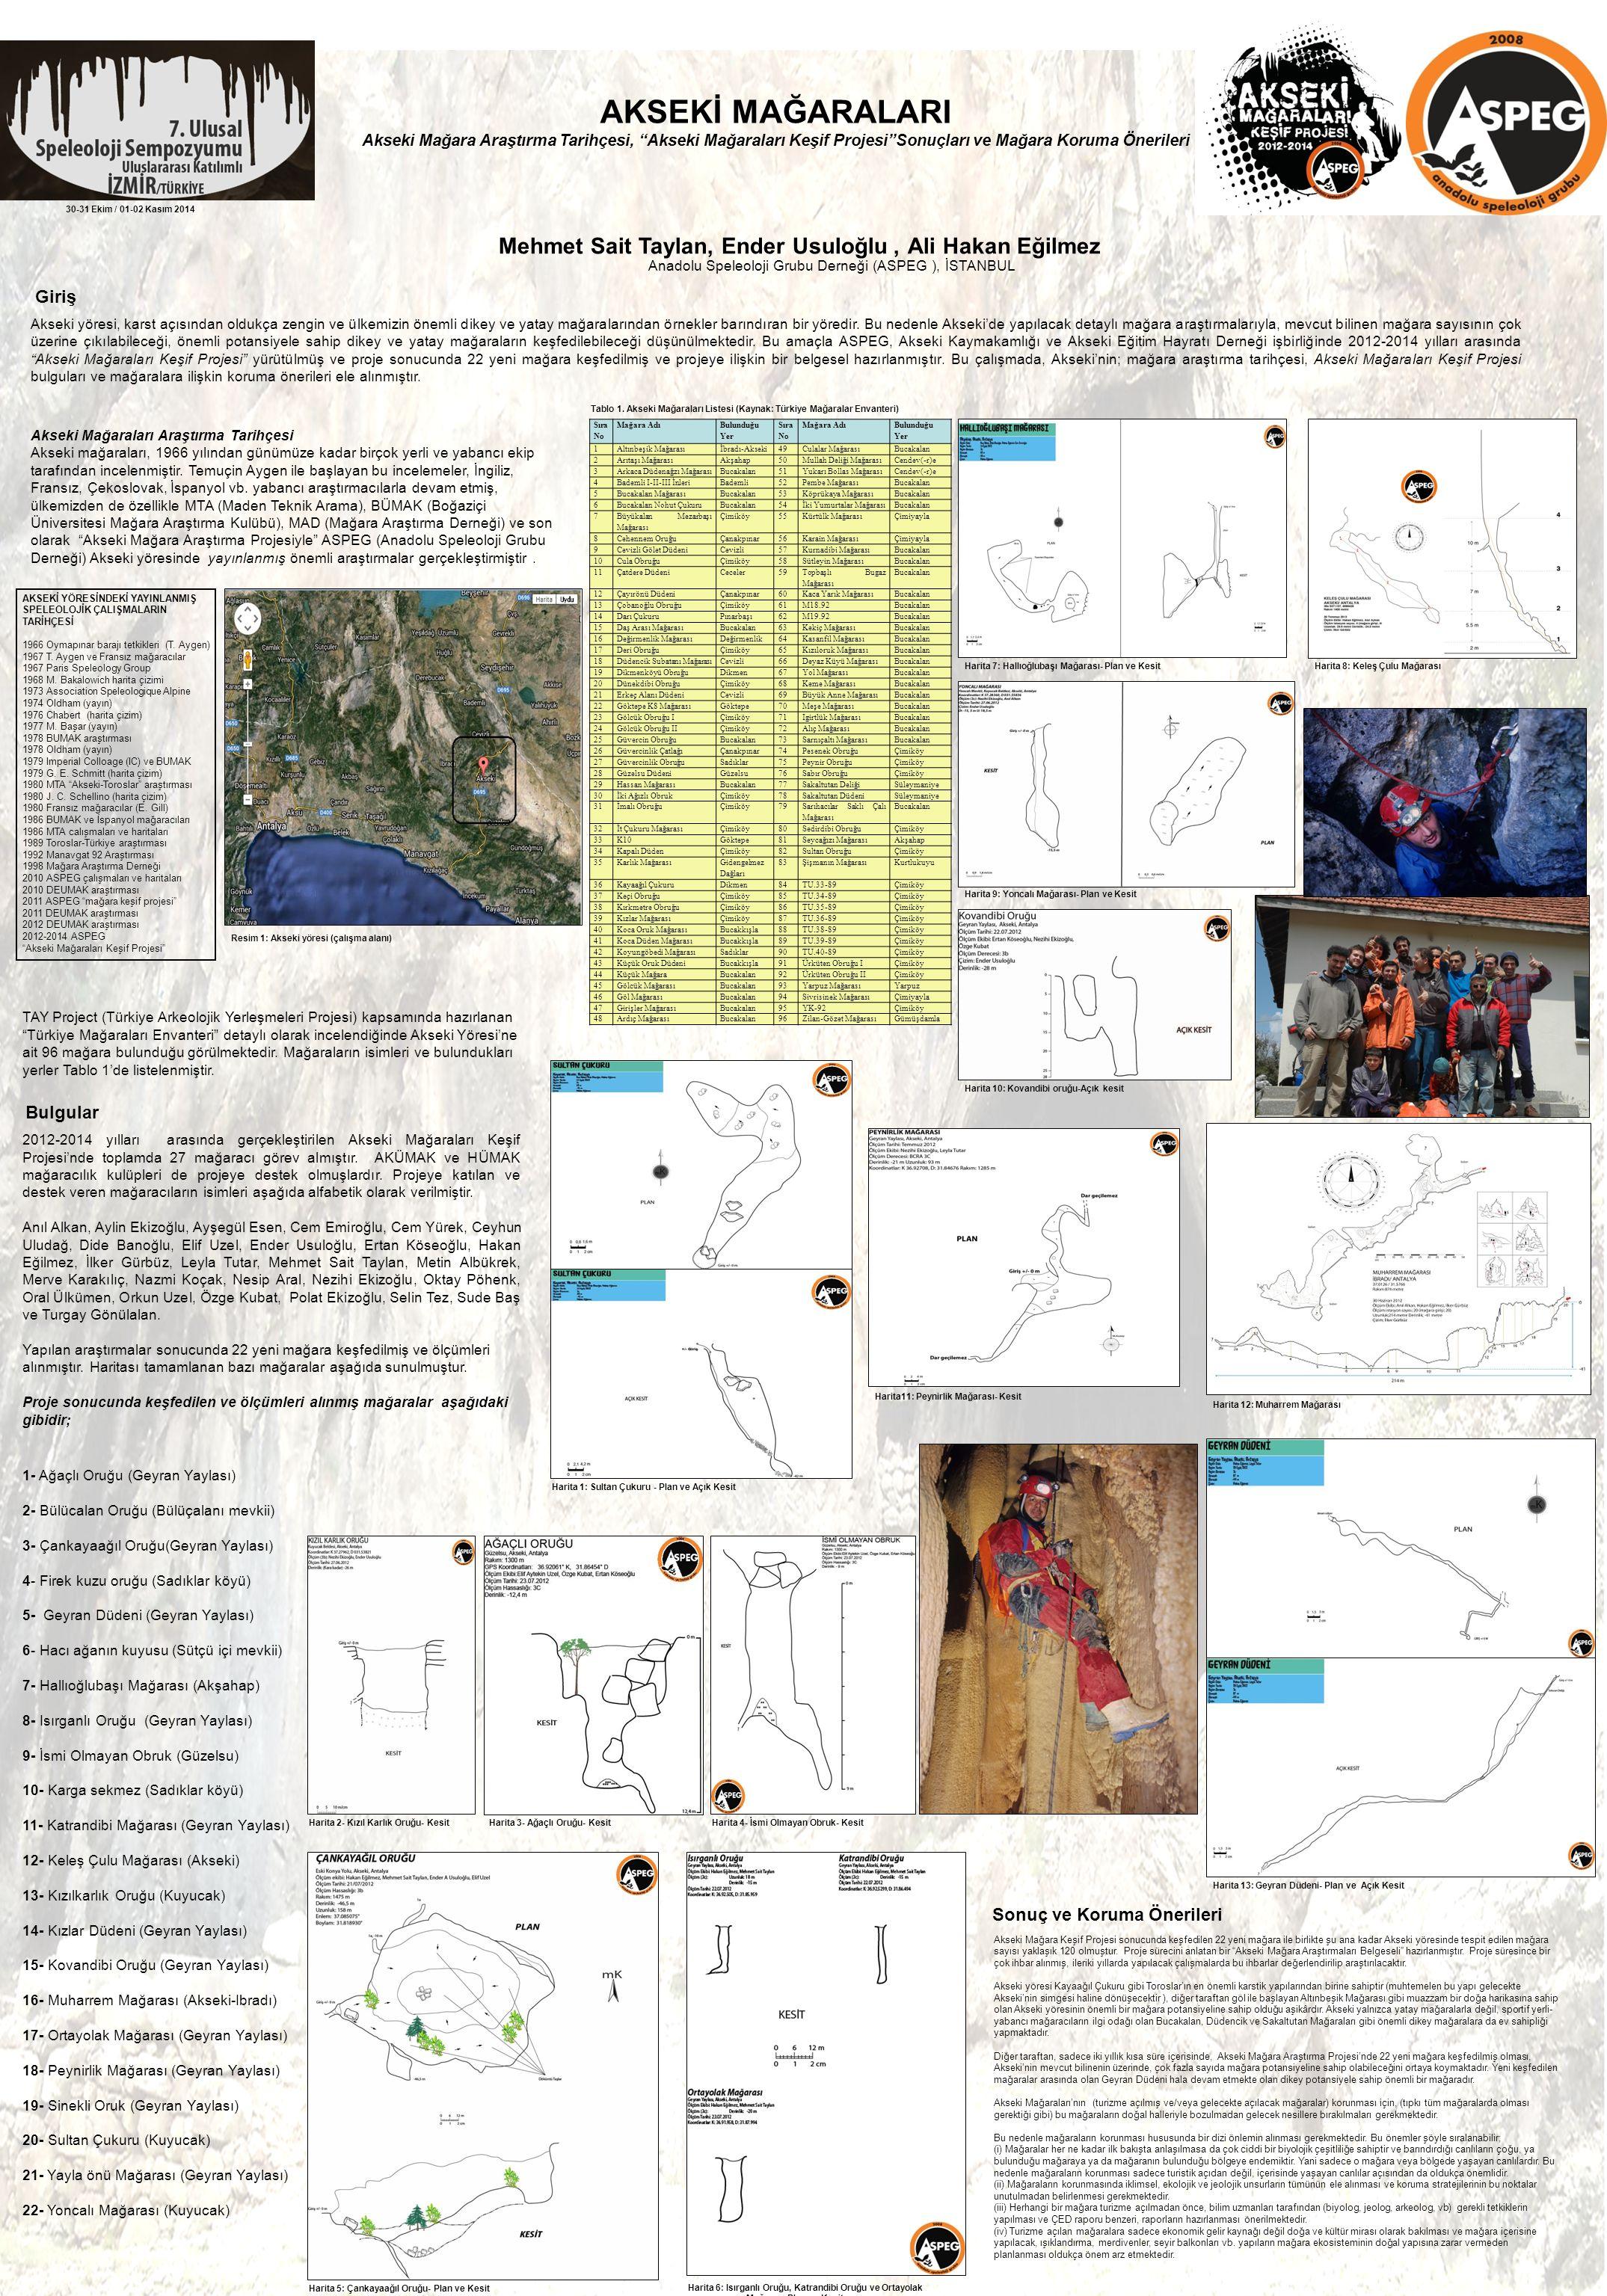 """AKSEKİ MAĞARALARI Akseki Mağara Araştırma Tarihçesi, """"Akseki Mağaraları Keşif Projesi""""Sonuçları ve Mağara Koruma Önerileri Mehmet Sait Taylan, Ender U"""